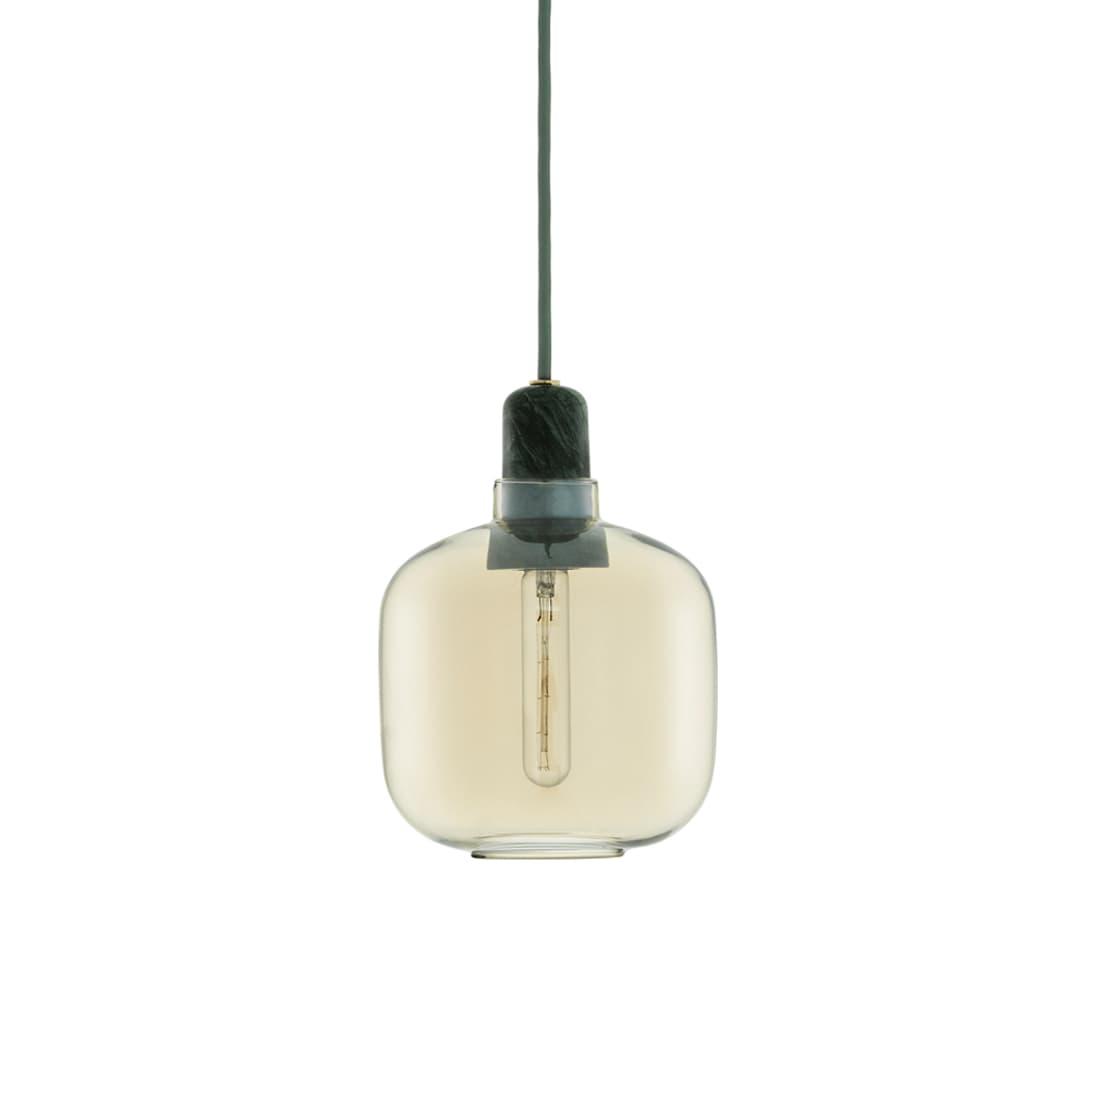 Normann Copenhagen Amp Lamp - Small Gold/Green